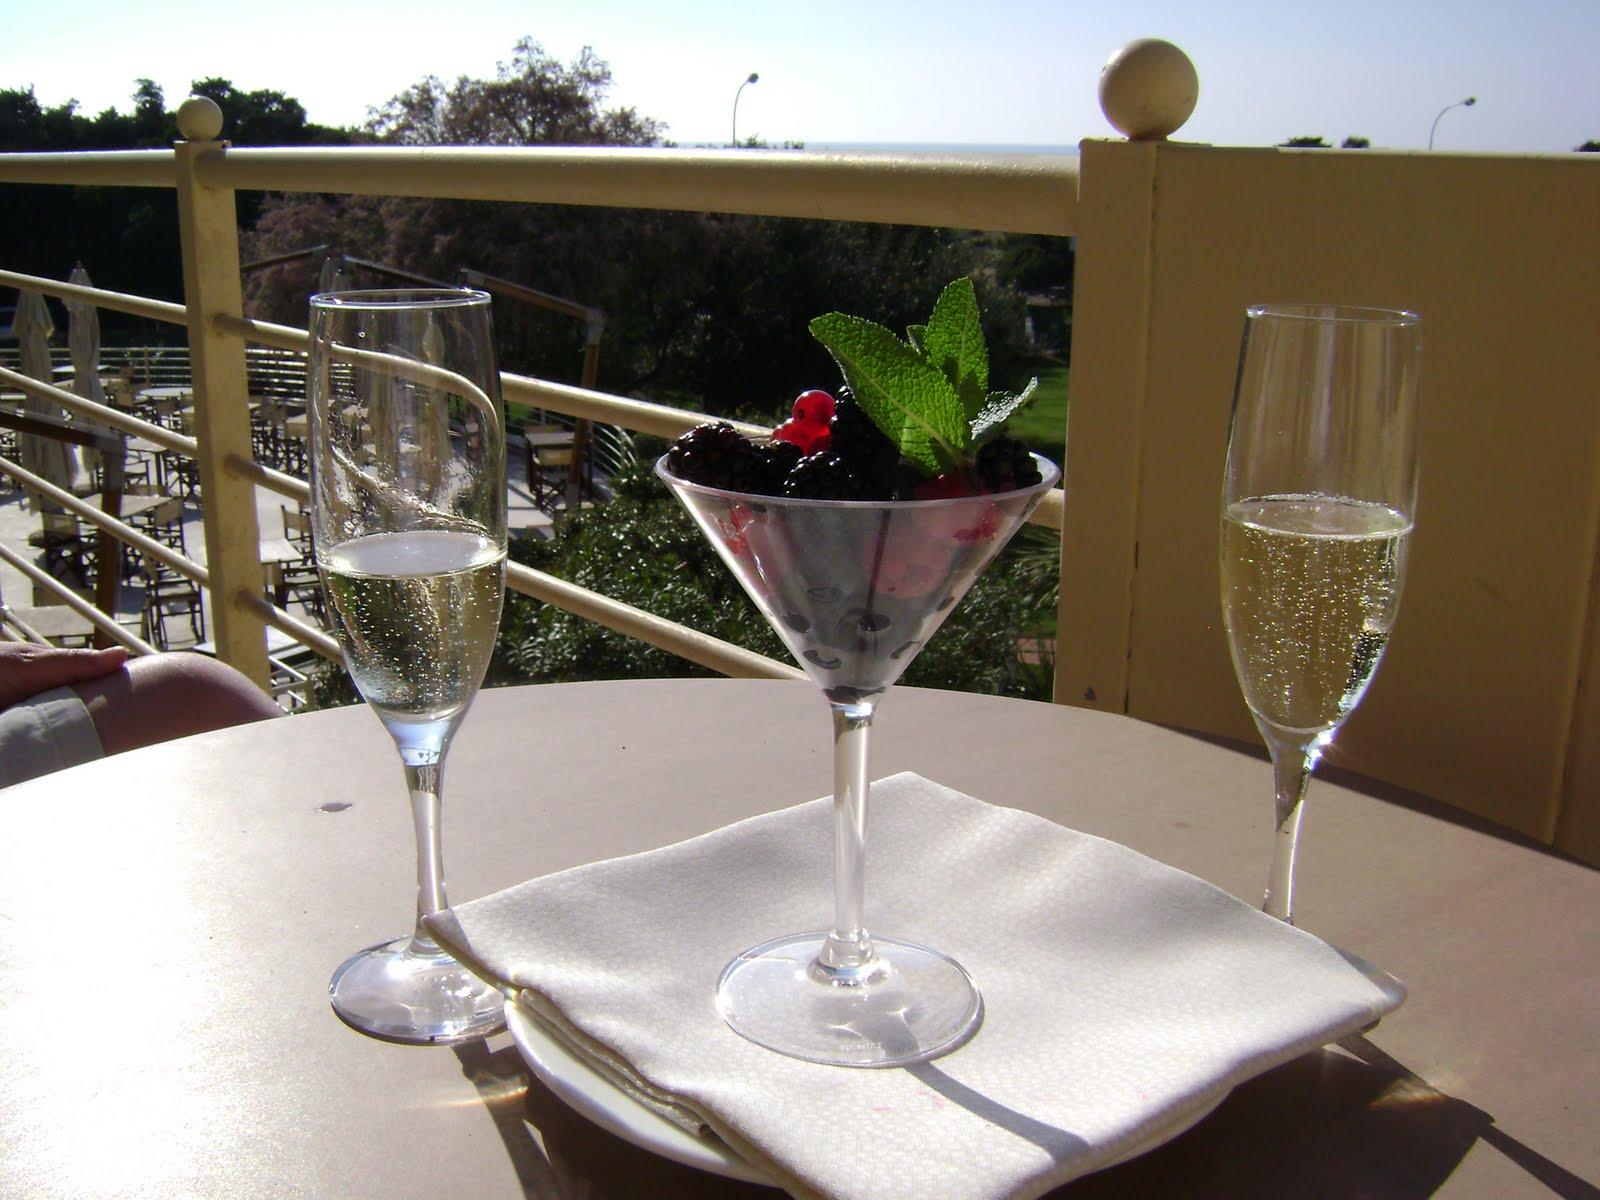 http://1.bp.blogspot.com/_USPEbalwowA/S9p5Y-oRTOI/AAAAAAAAABk/W3jYc171jVE/s1600/Tombolo+Resort+006.JPG